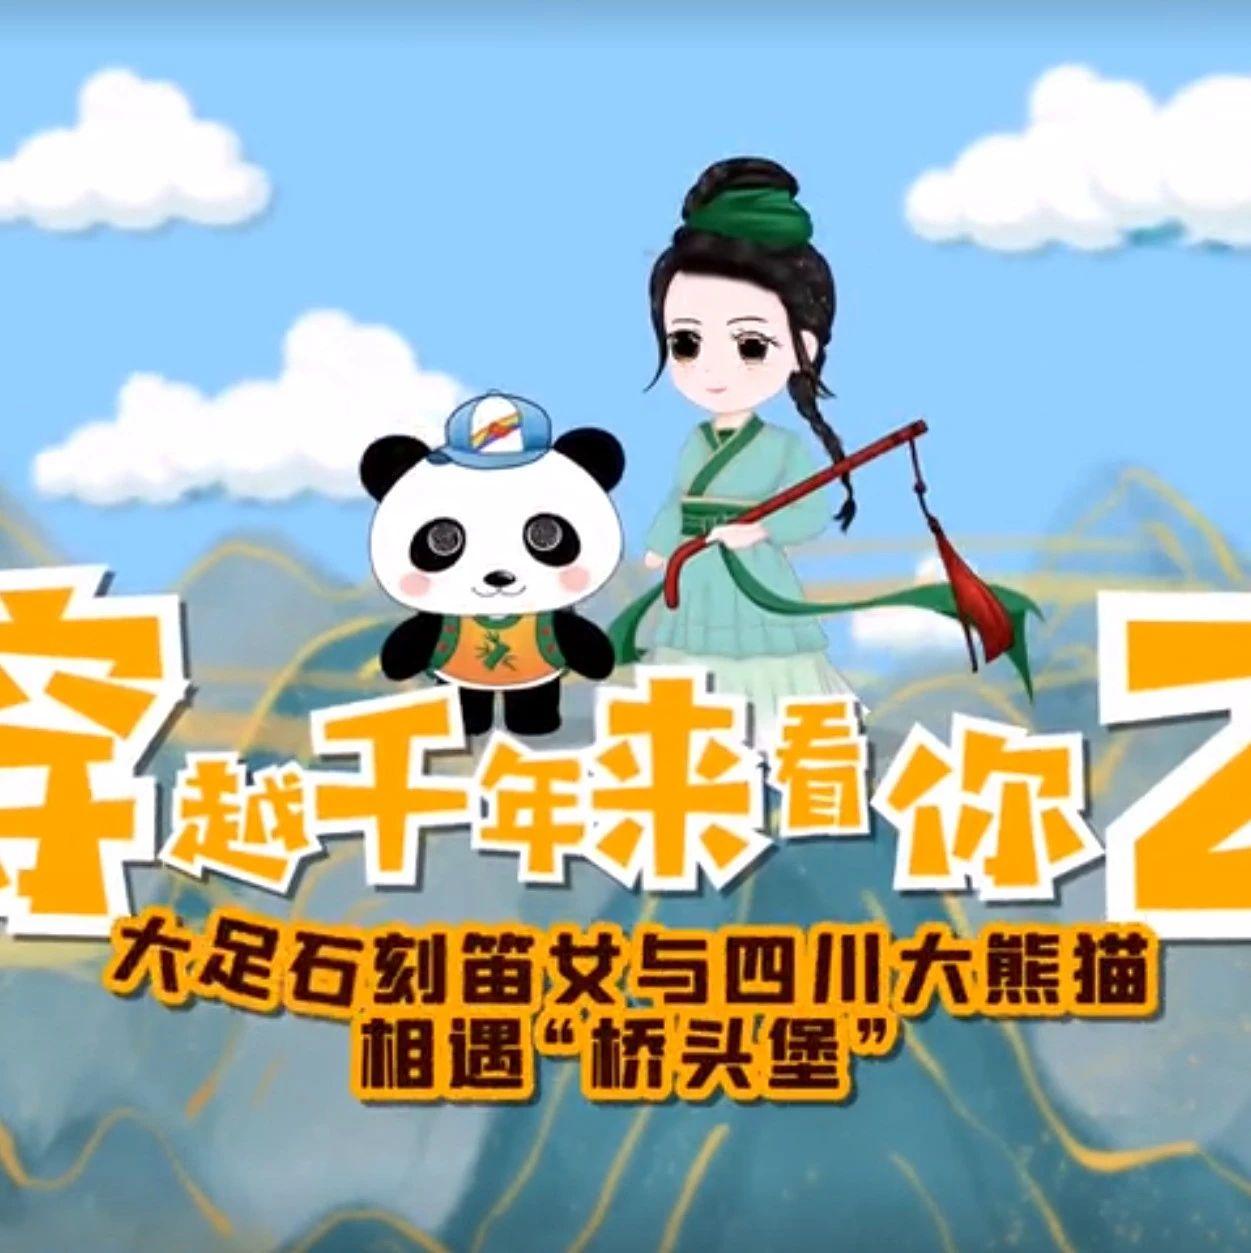 """穿越千年来看你:大足石刻笛女与四川大熊猫相遇""""桥头堡"""""""